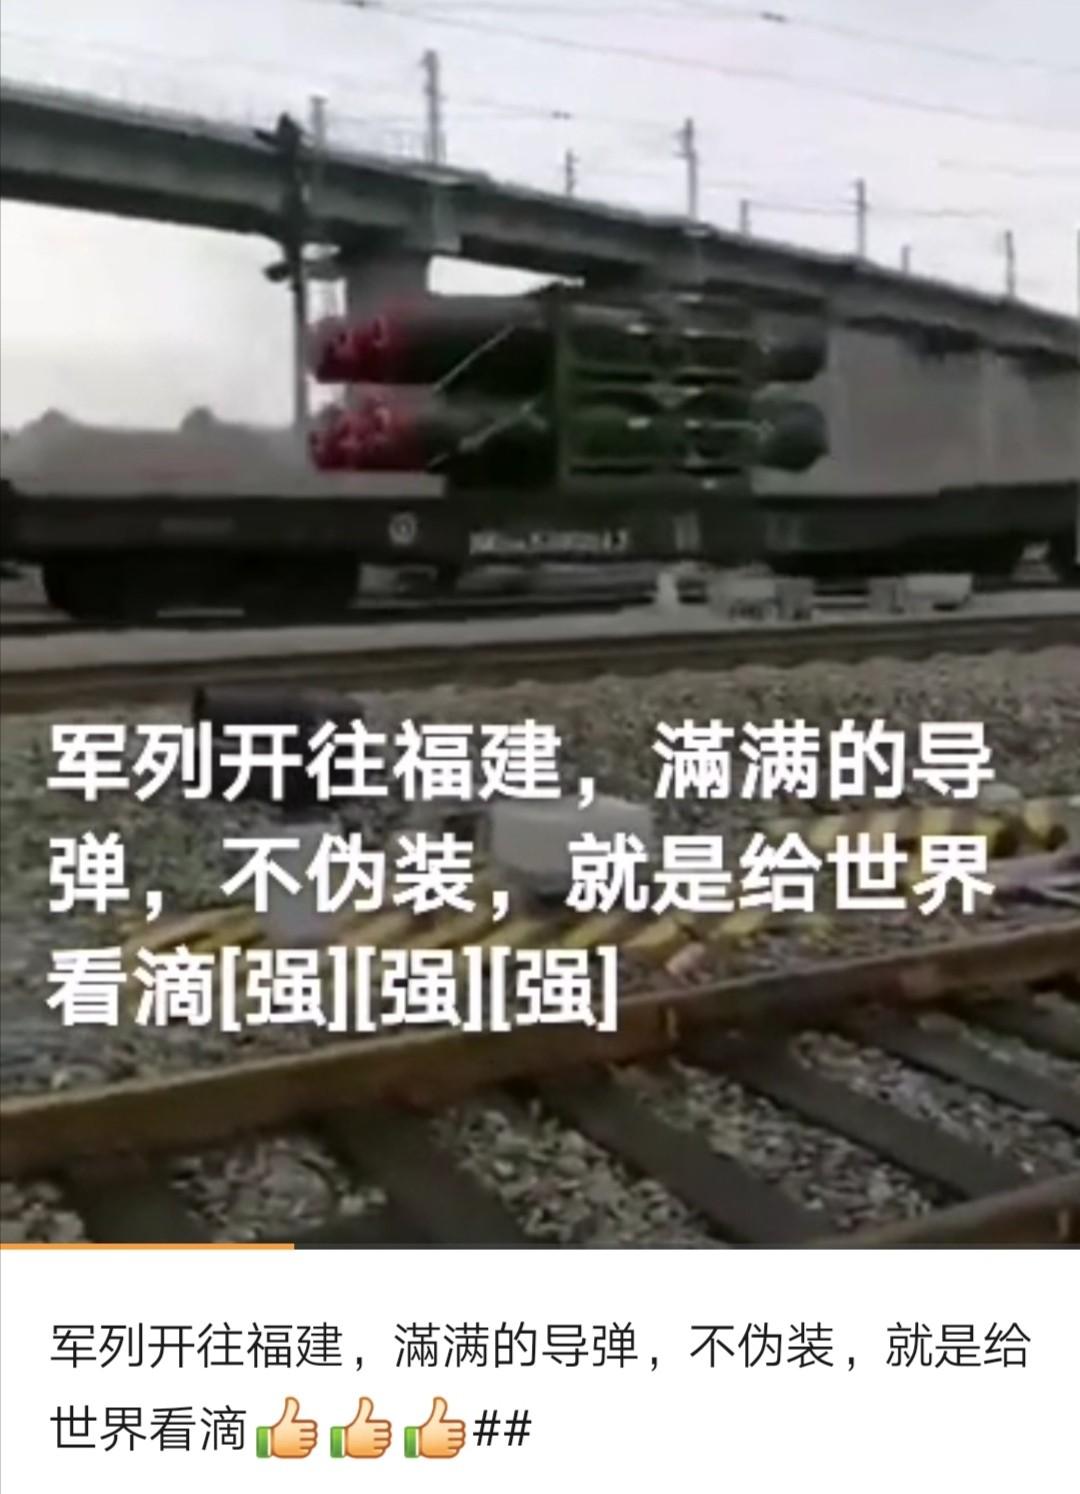 """谣传""""军列开往福建""""的视频_图1-1"""